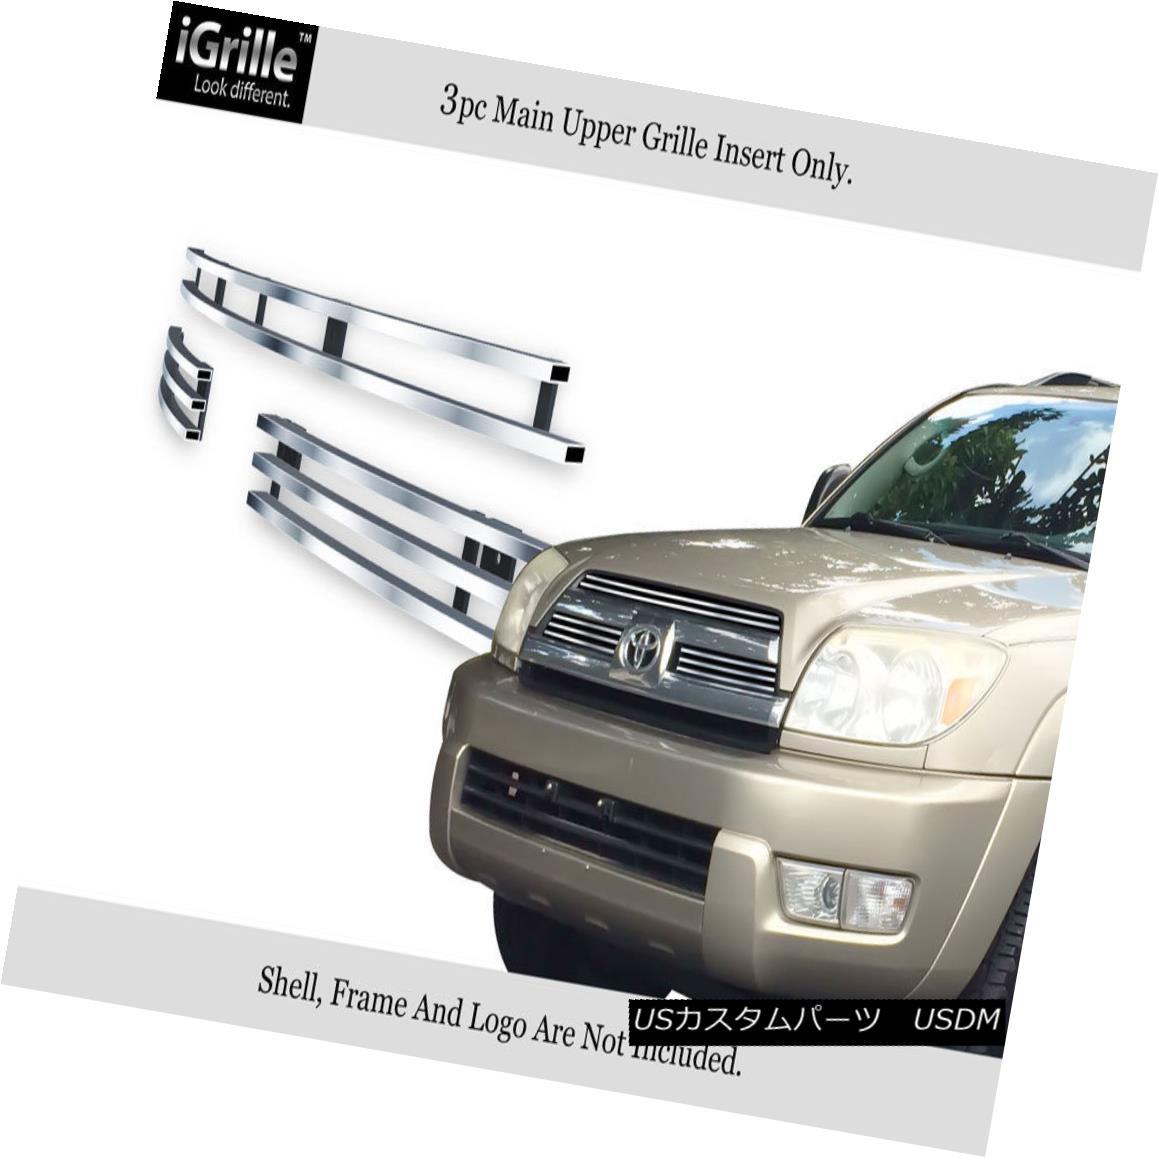 グリル Fits 03-05 Toyota 4Runner 4 Runner Stainless Steel Billet Grille Insert フィット03-05トヨタ4ランナー4ランナーステンレス鋼ビレットグリルインサート